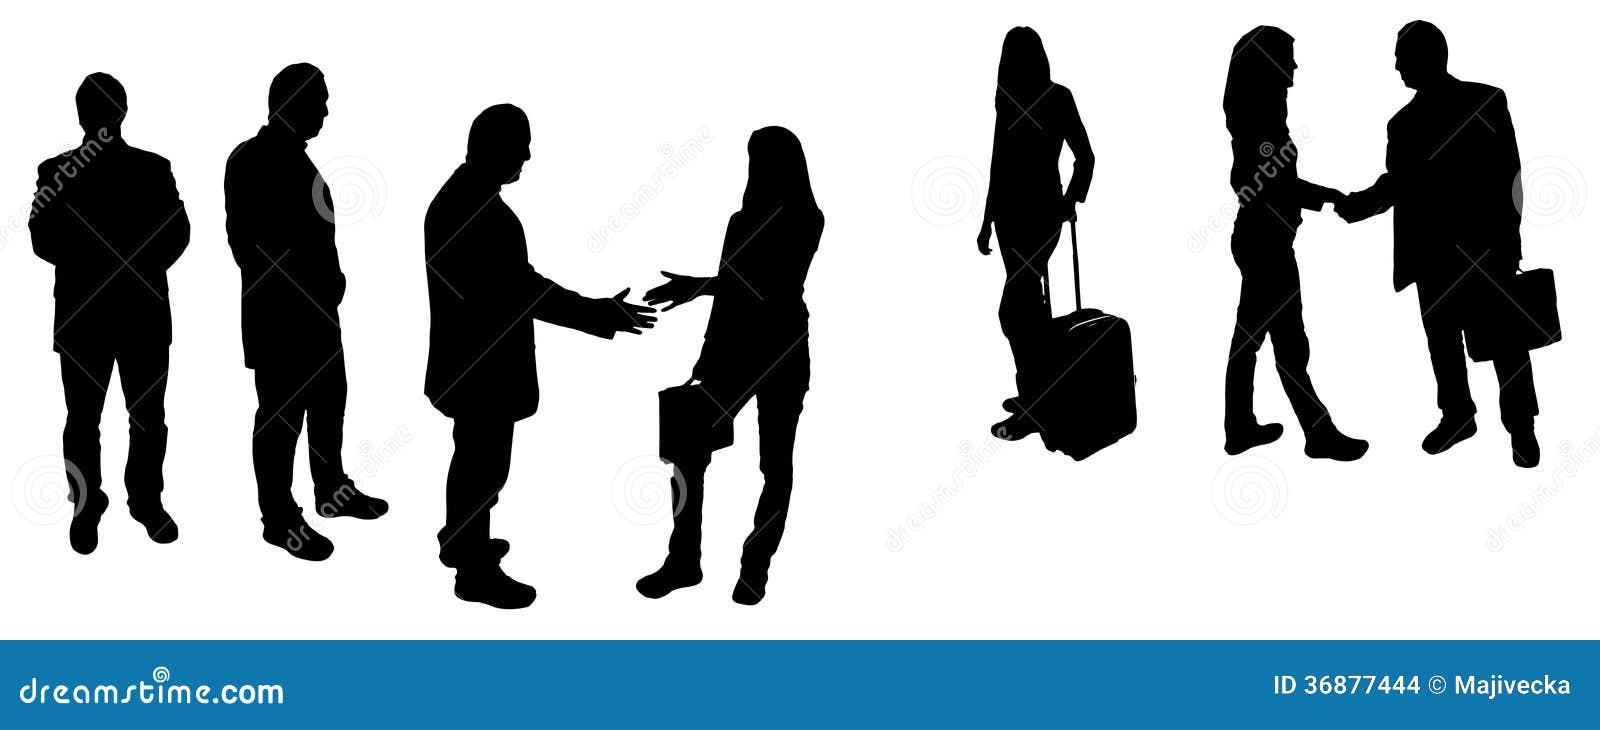 Download Siluette Di Vettore Delle Persone Di Affari Illustrazione Vettoriale - Illustrazione di concorrenza, bellezza: 36877444